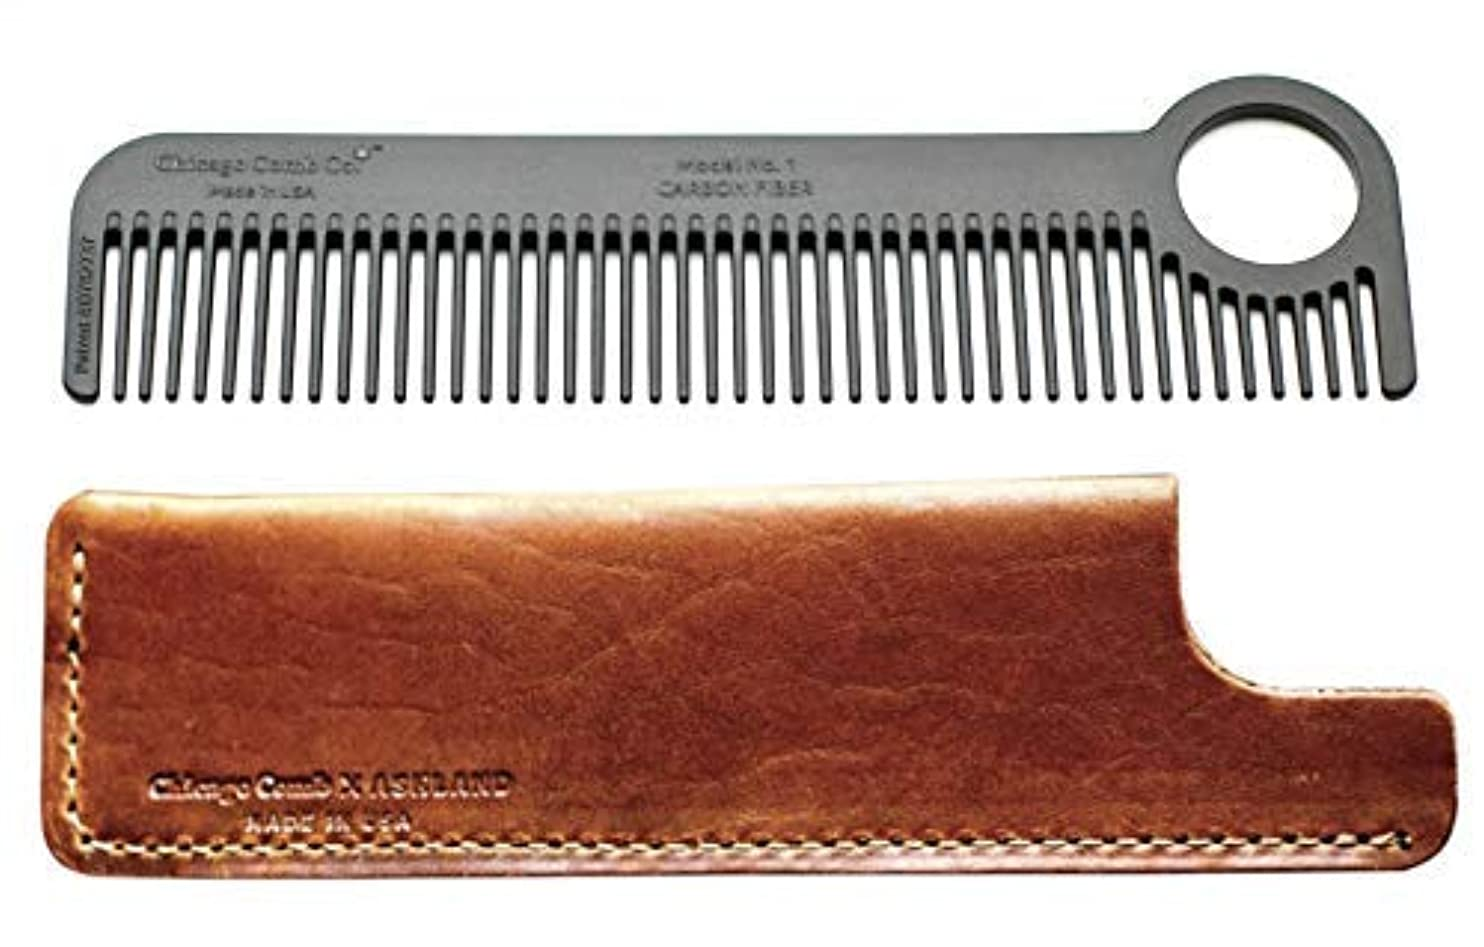 ハンディキャップ振り向くペイントChicago Comb Model 1 Carbon Fiber Comb + English Tan Horween leather sheath, Made in USA, ultimate pocket and travel comb, ultra smooth strong & light, anti-static, premium American leather sheath [並行輸入品]